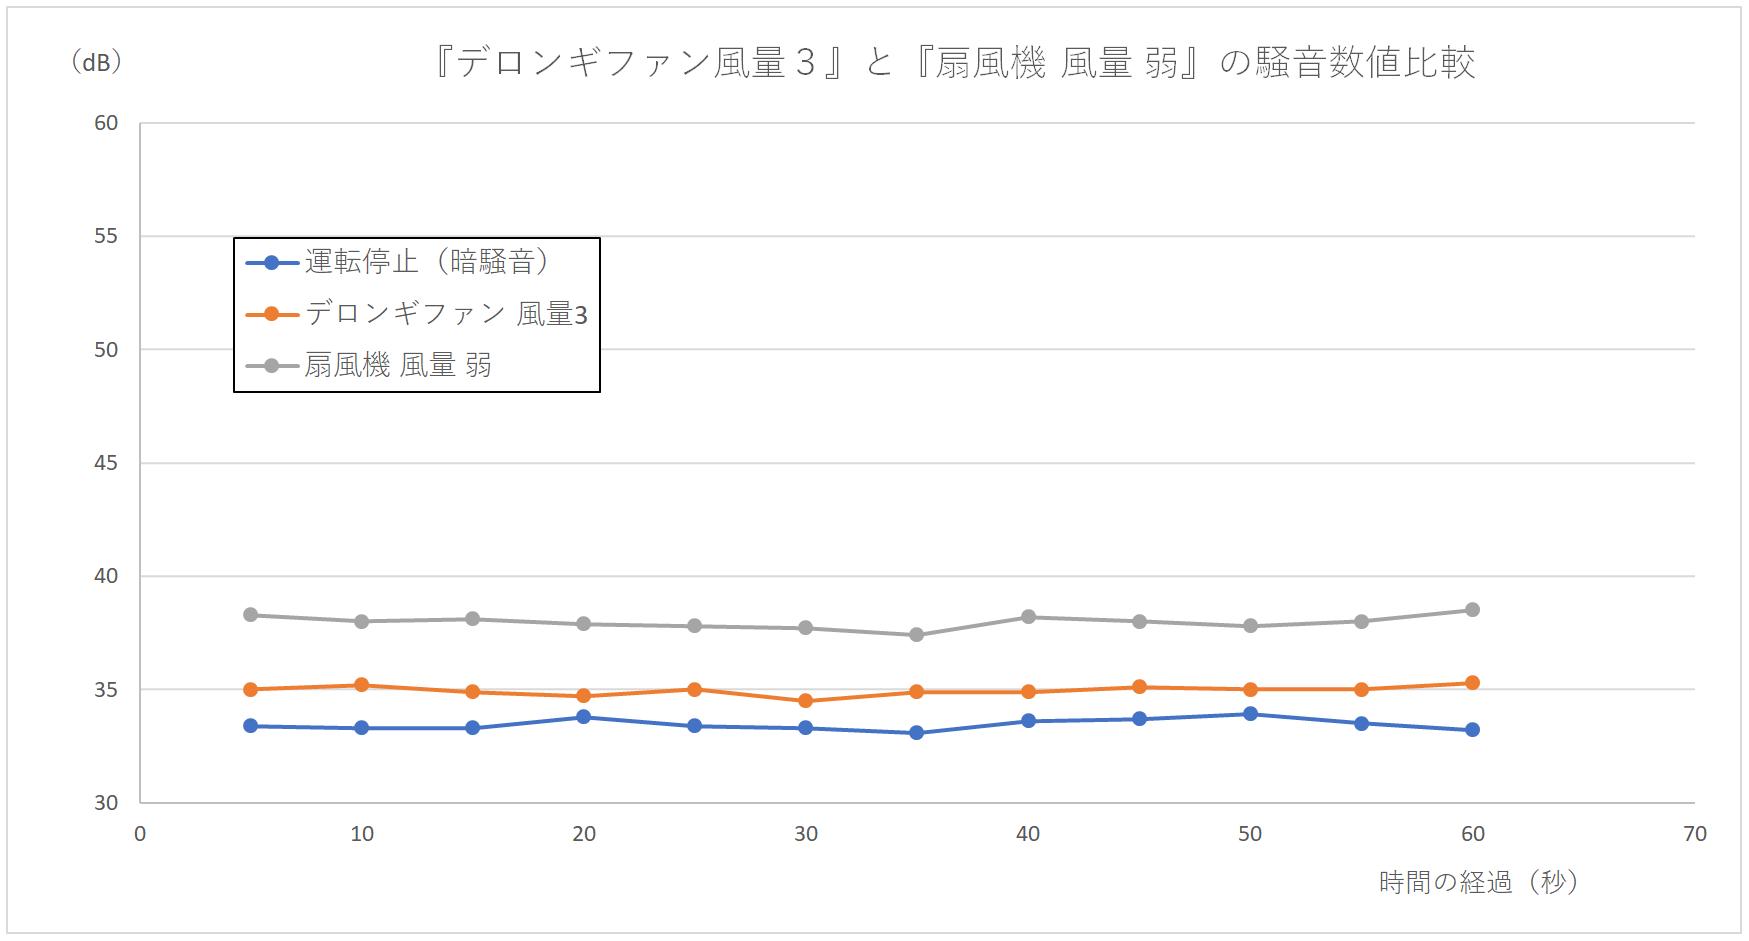 『デロンギファン 風量3』と『扇風機 弱』の騒音数値の比較グラフ